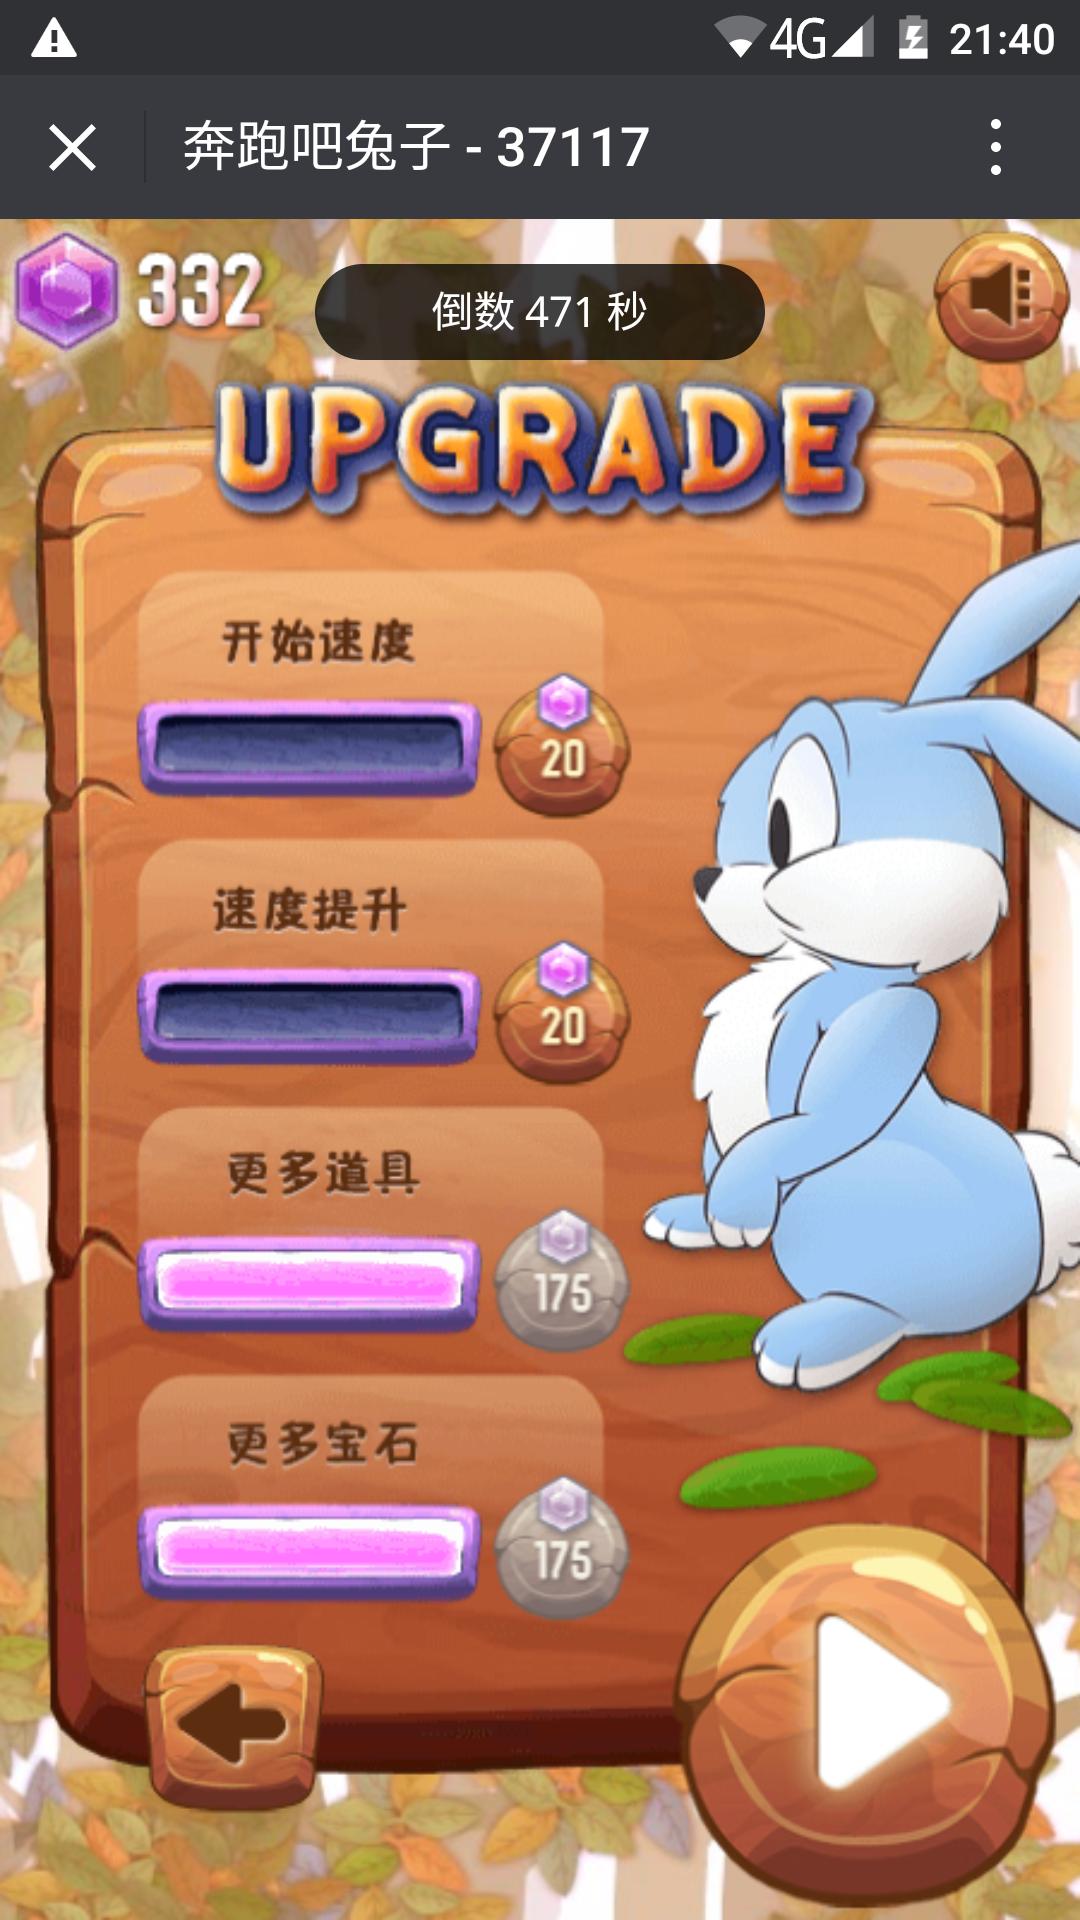 奔跑吧兔子技巧?奔跑吧兔子怎样玩?